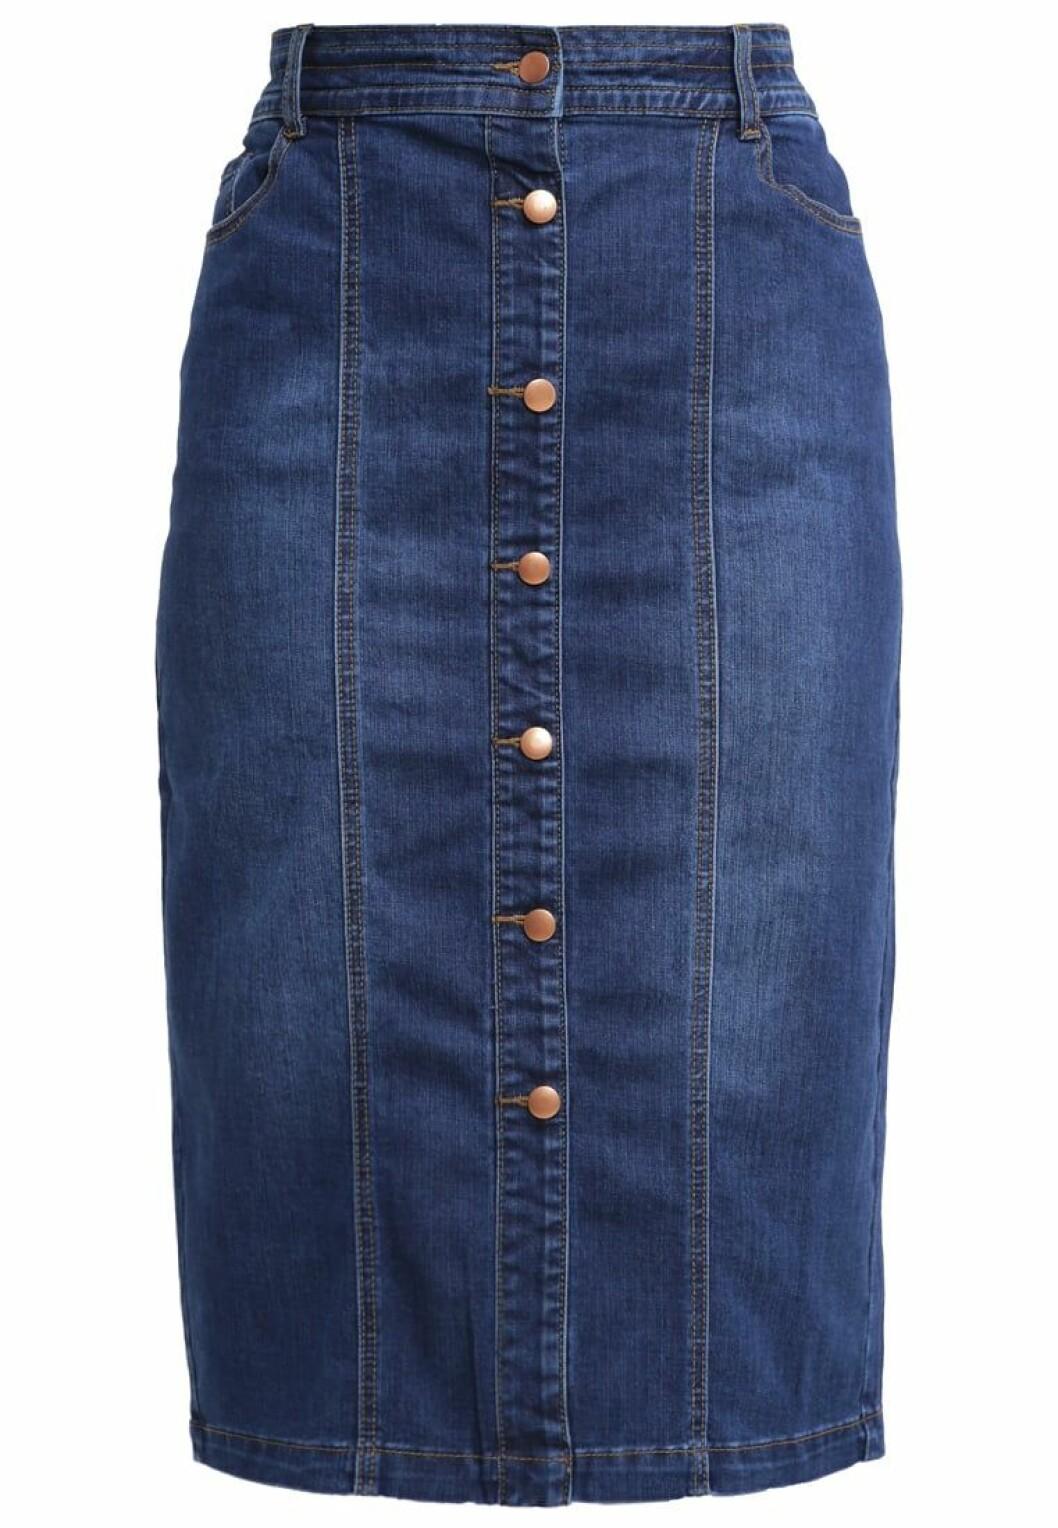 jeanskjol med knappar fram